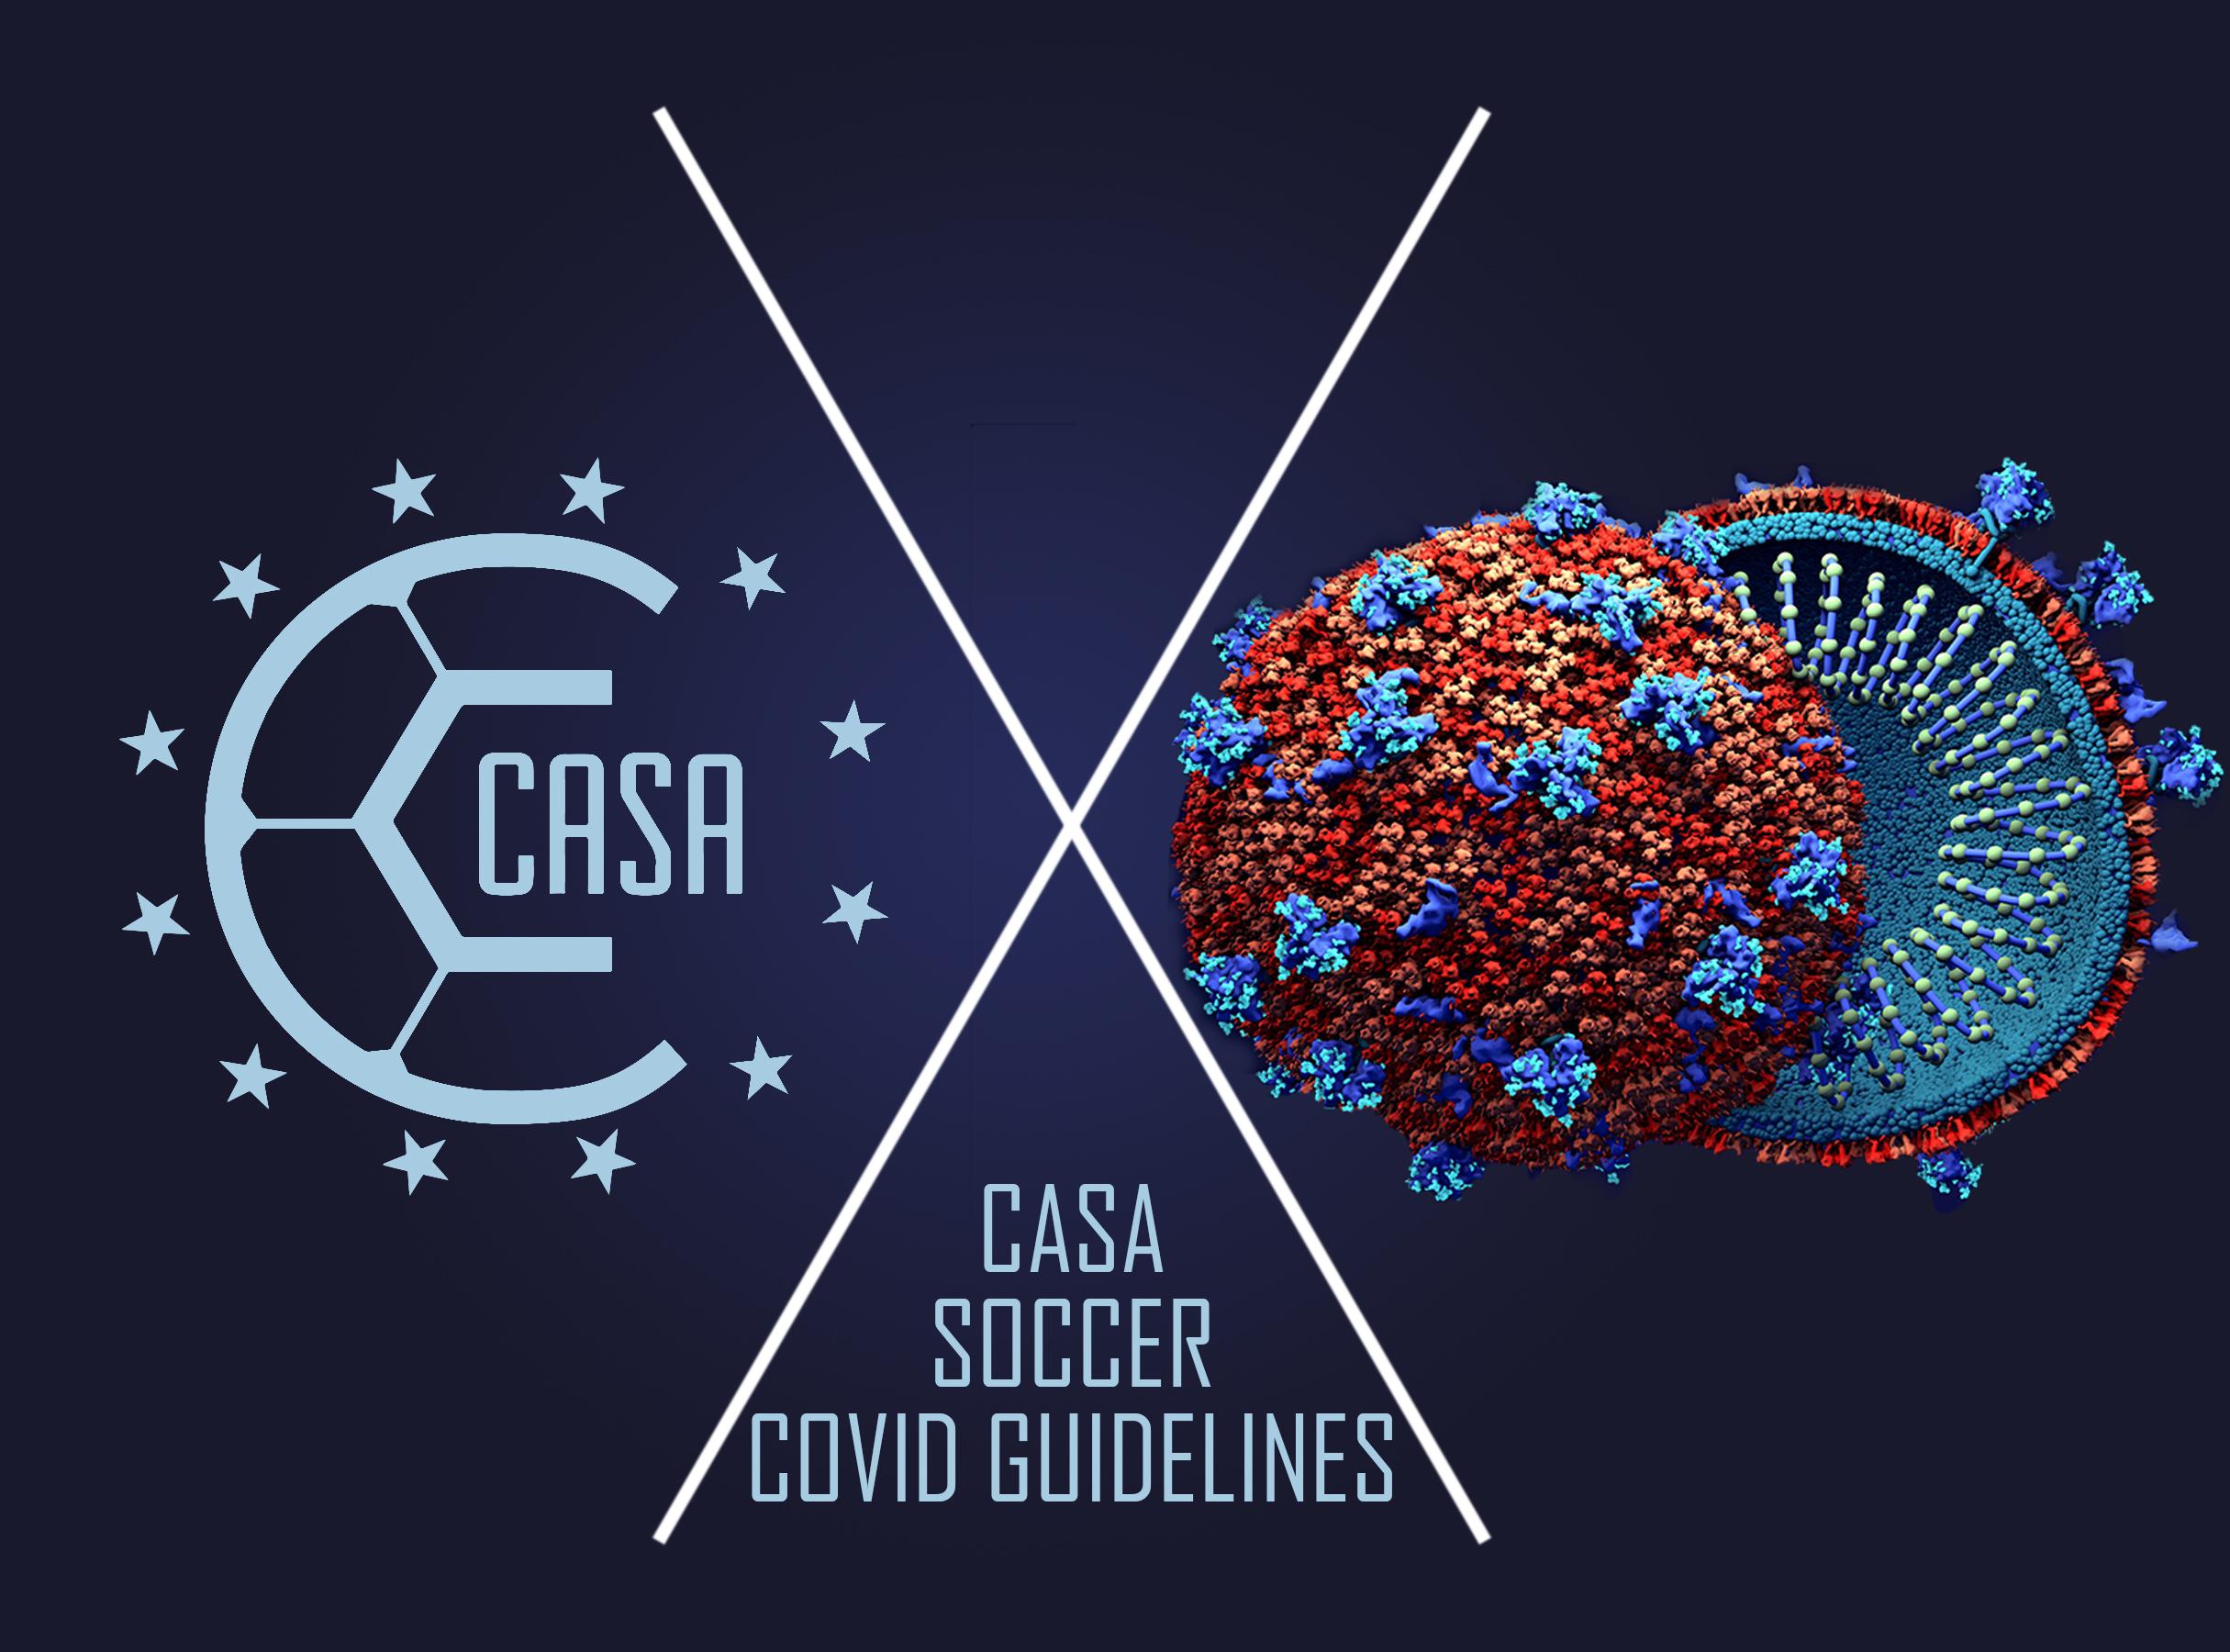 CASA COVID PROTOCOLS